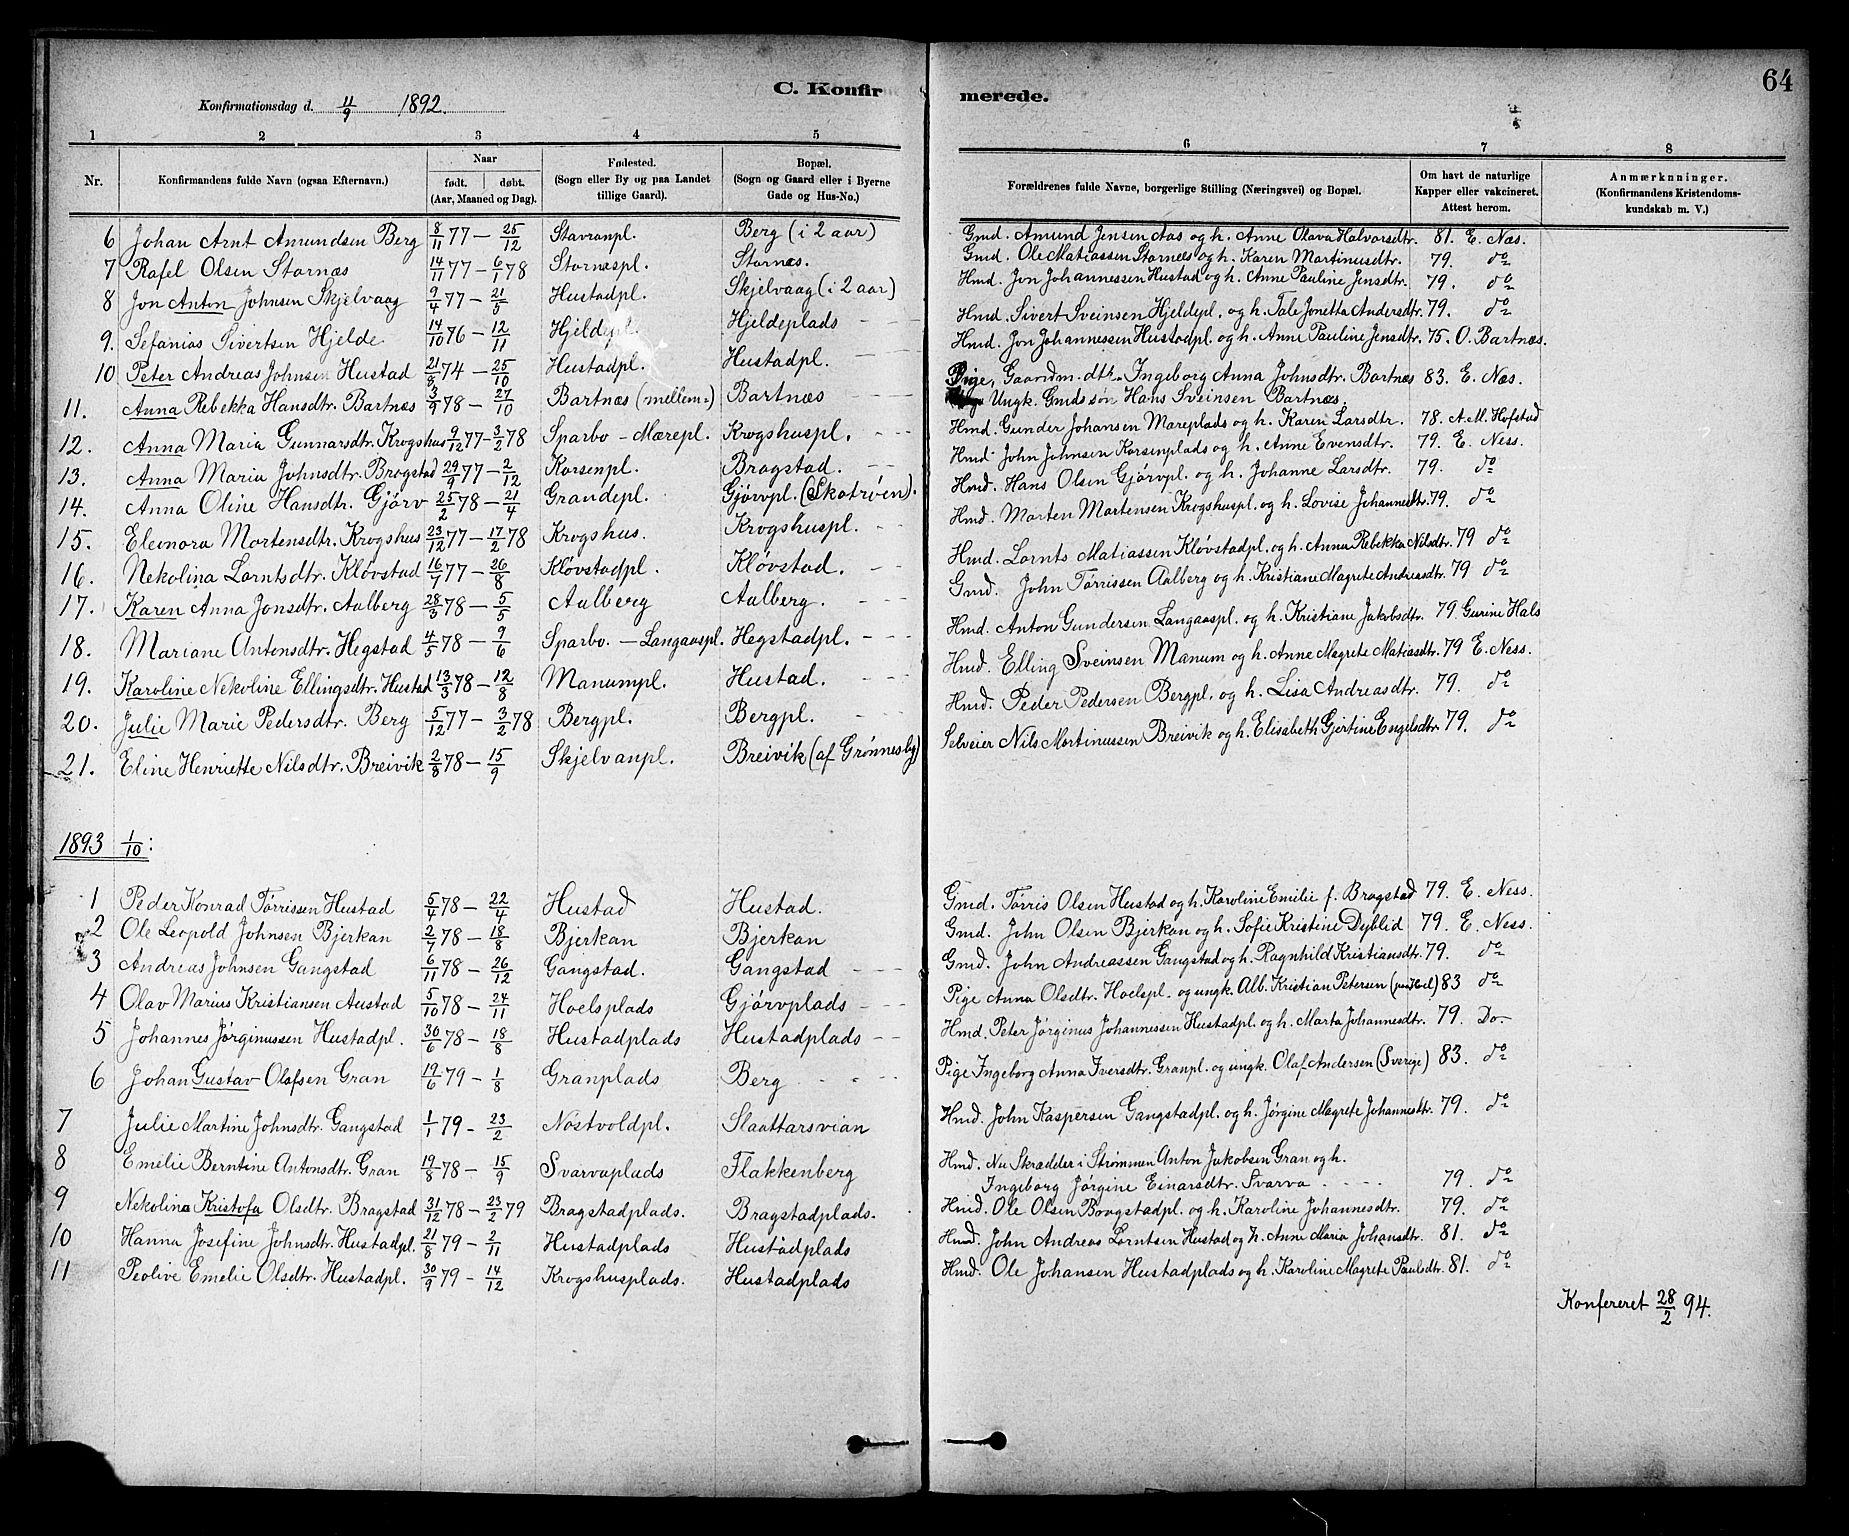 SAT, Ministerialprotokoller, klokkerbøker og fødselsregistre - Nord-Trøndelag, 732/L0318: Klokkerbok nr. 732C02, 1881-1911, s. 64